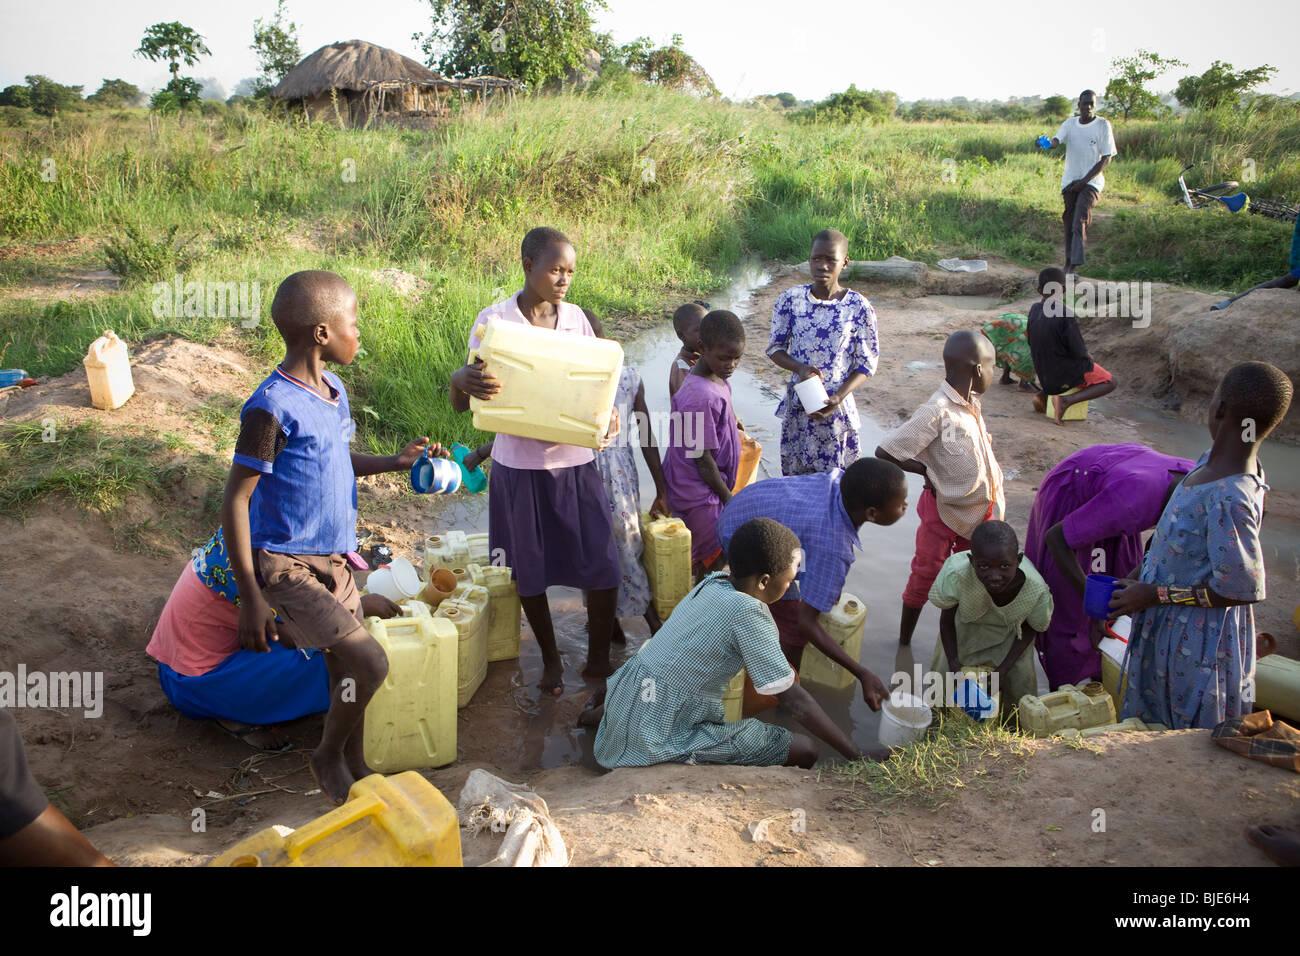 Los niños extraen agua de un abrevadero, en el distrito de Amuria, Uganda, África Oriental. Foto de stock